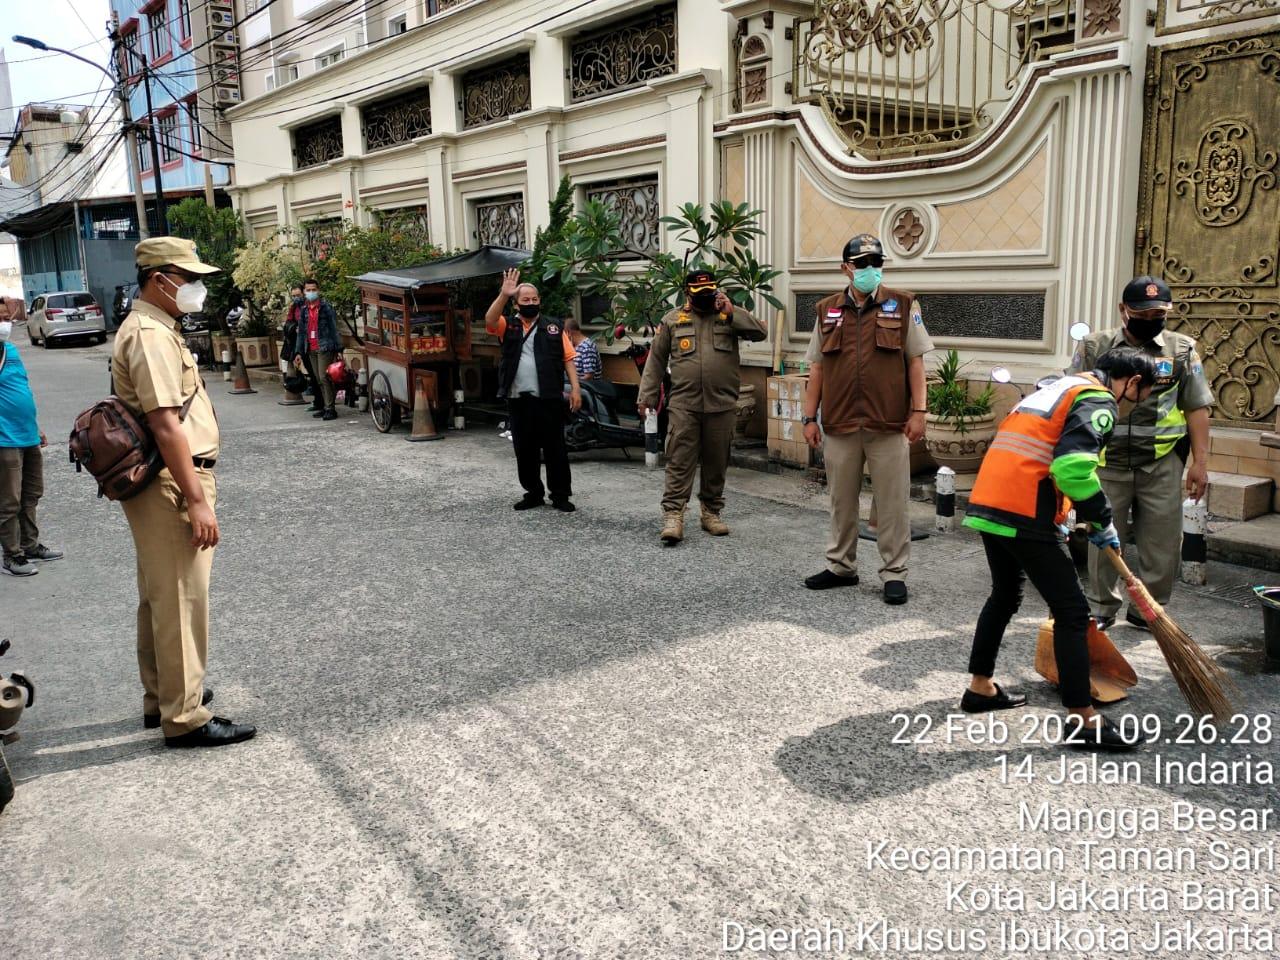 10 Pelanggar Prokes Ditemukan Operasi Masker di Jl Madu Mangga Besar, Tamansari